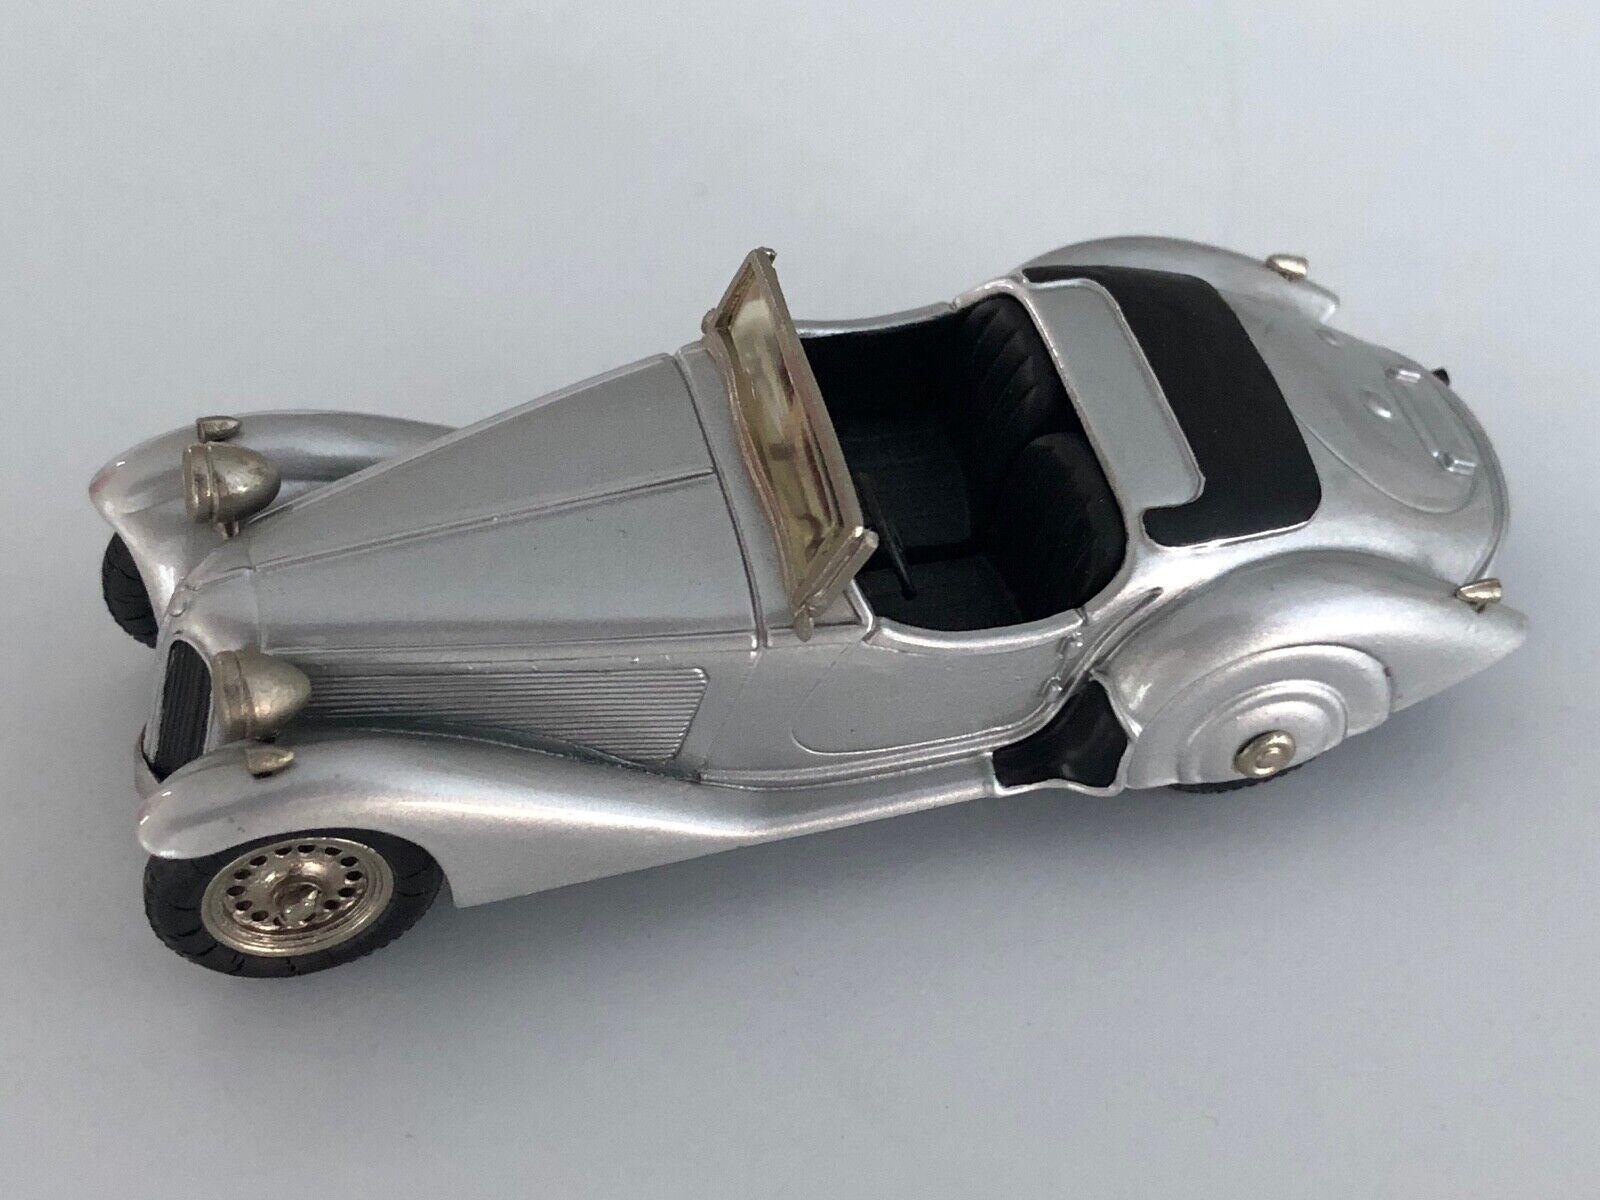 Danhausen Metal 43 AMR BMW 315 1 Roadster handbuilt model in 1 43 scale No. 1034